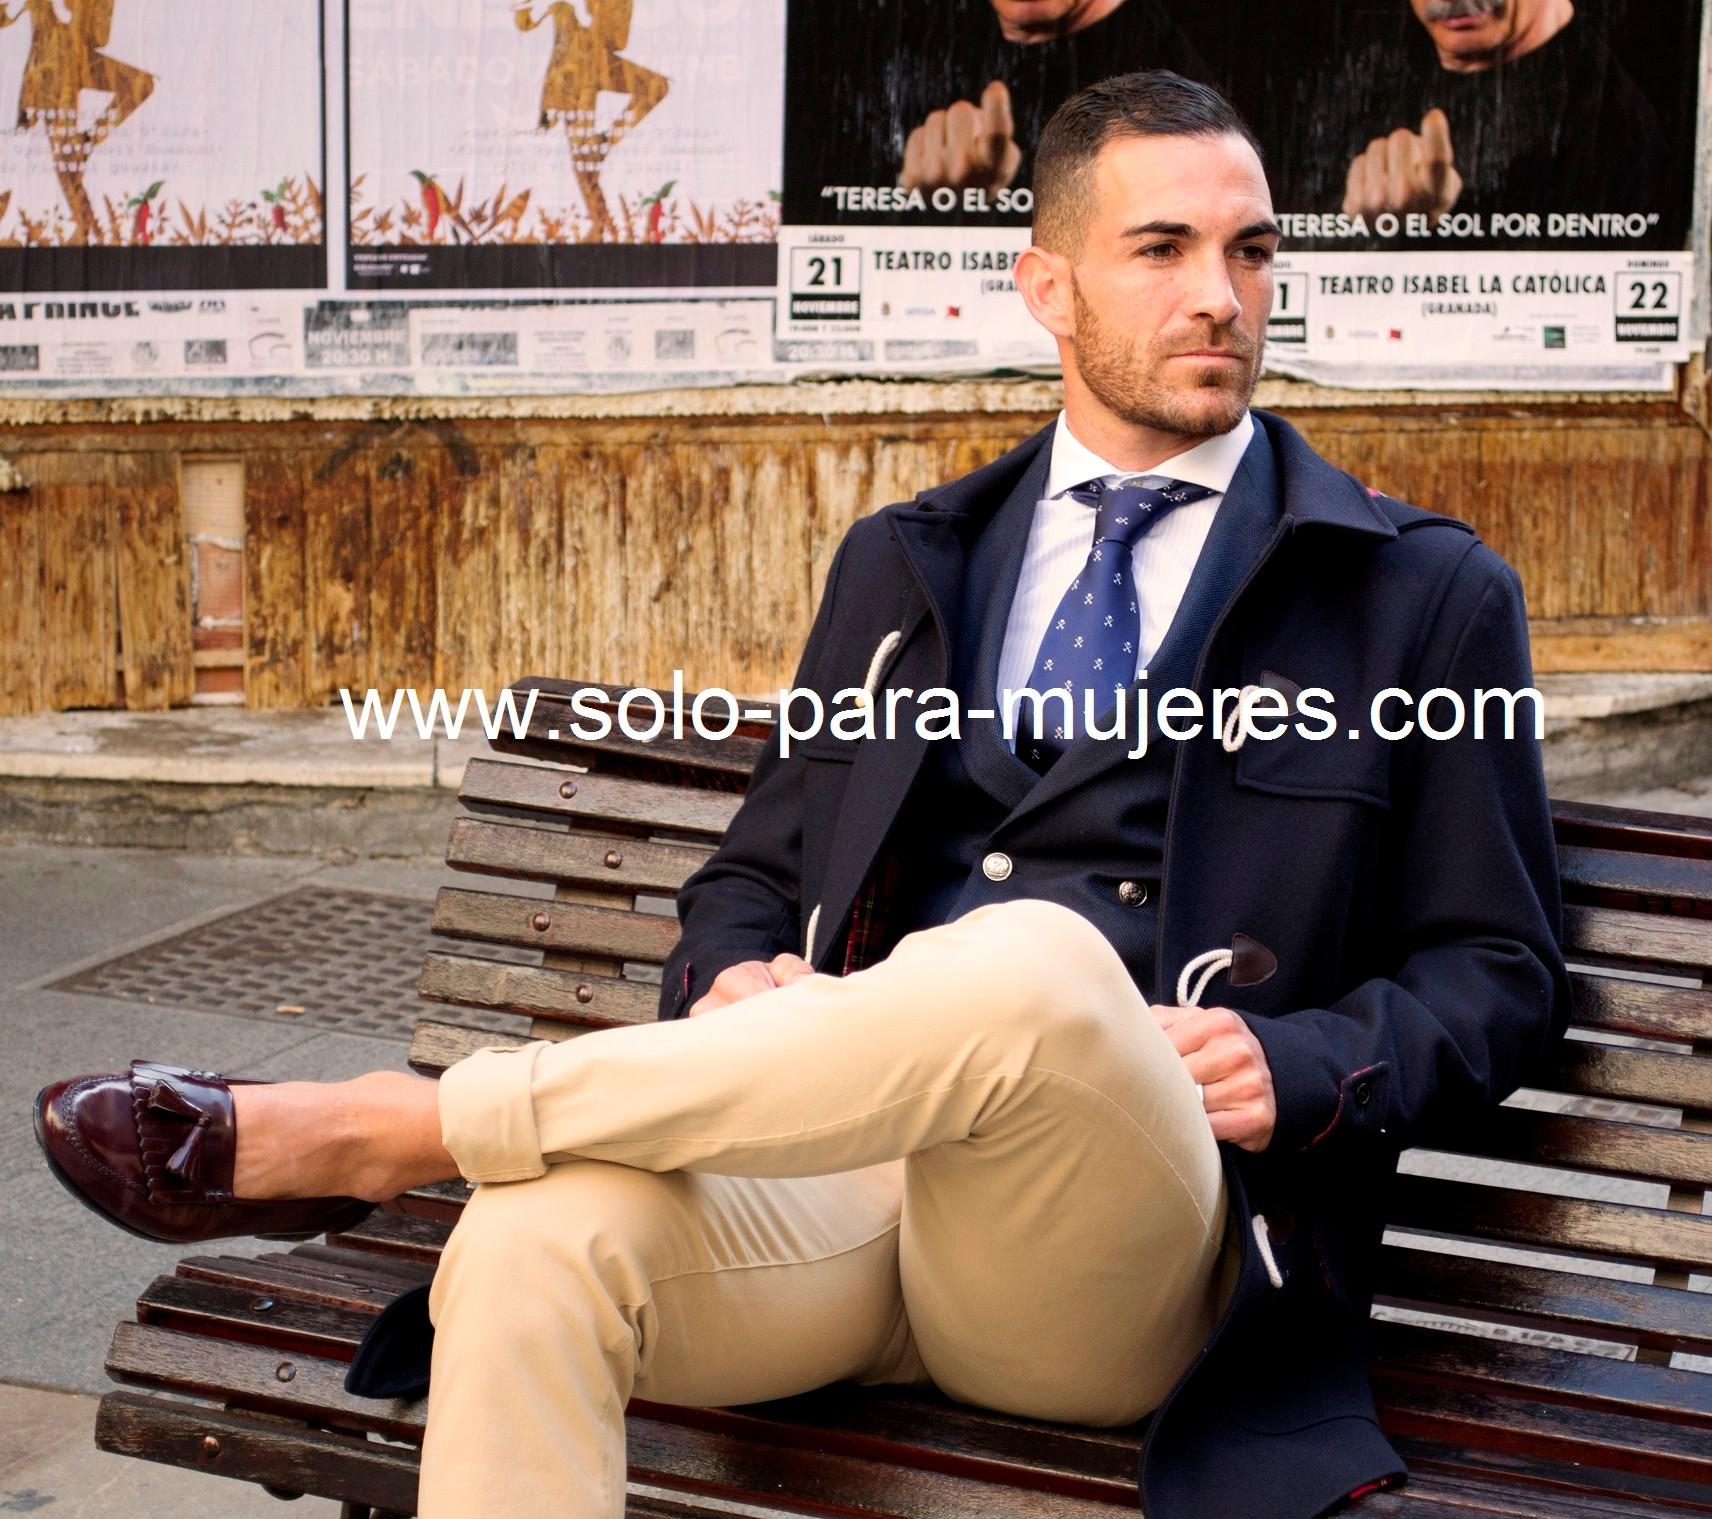 peliculas xxx gratis en español agencia escort gay